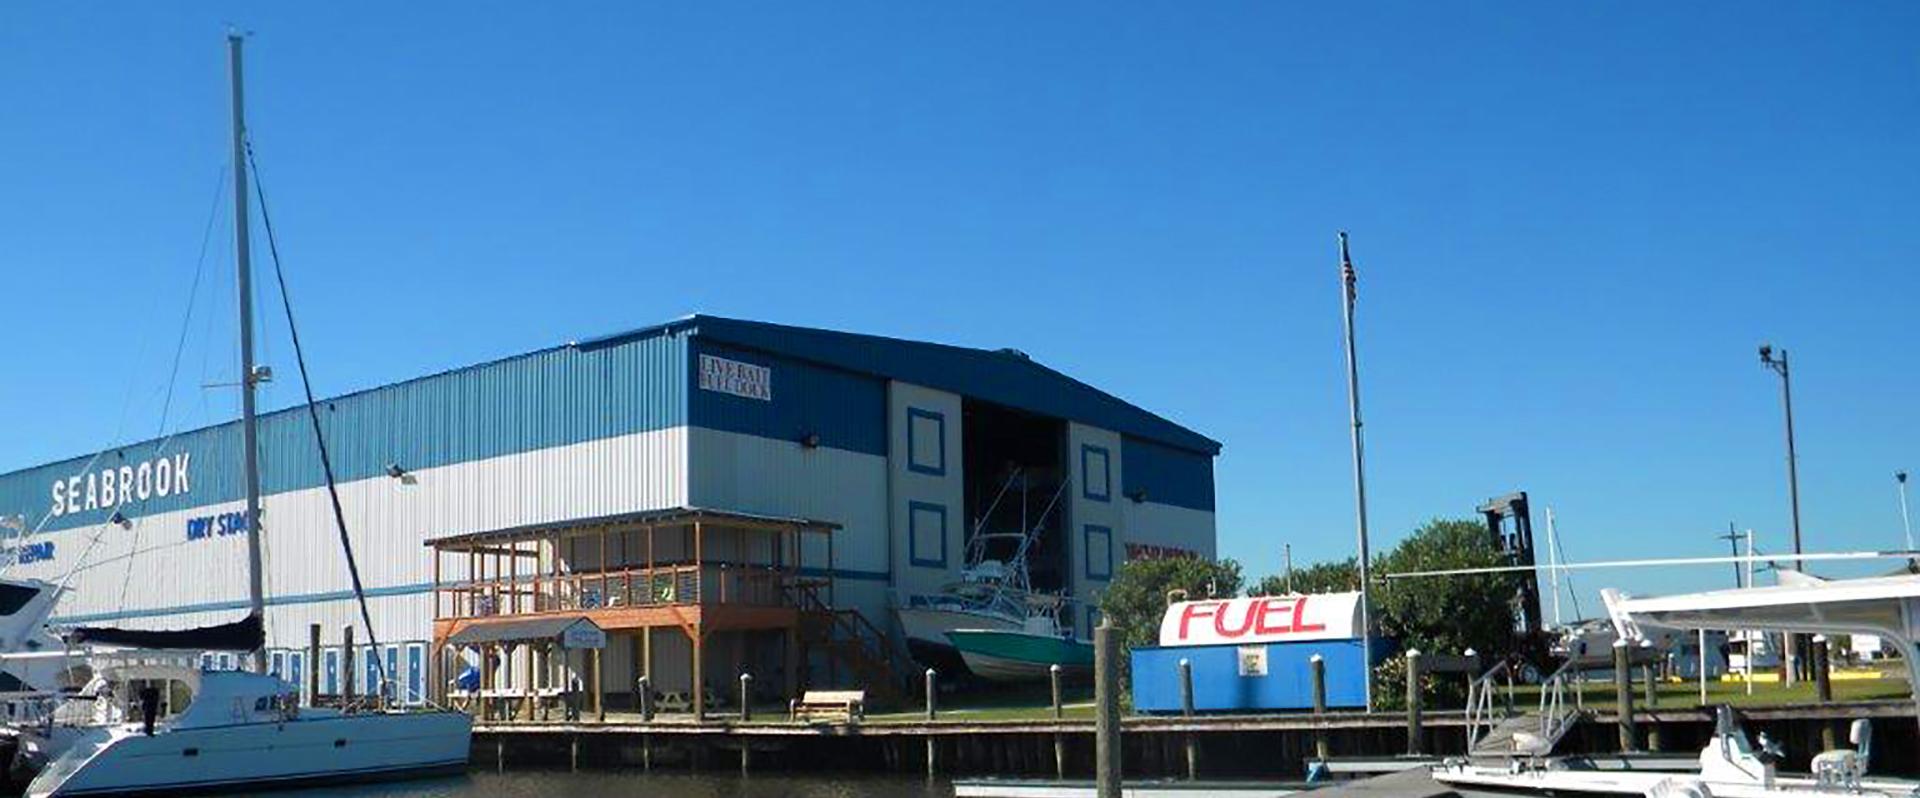 Seabrook Harbor/Seabrook Marine in New Orleans, LA